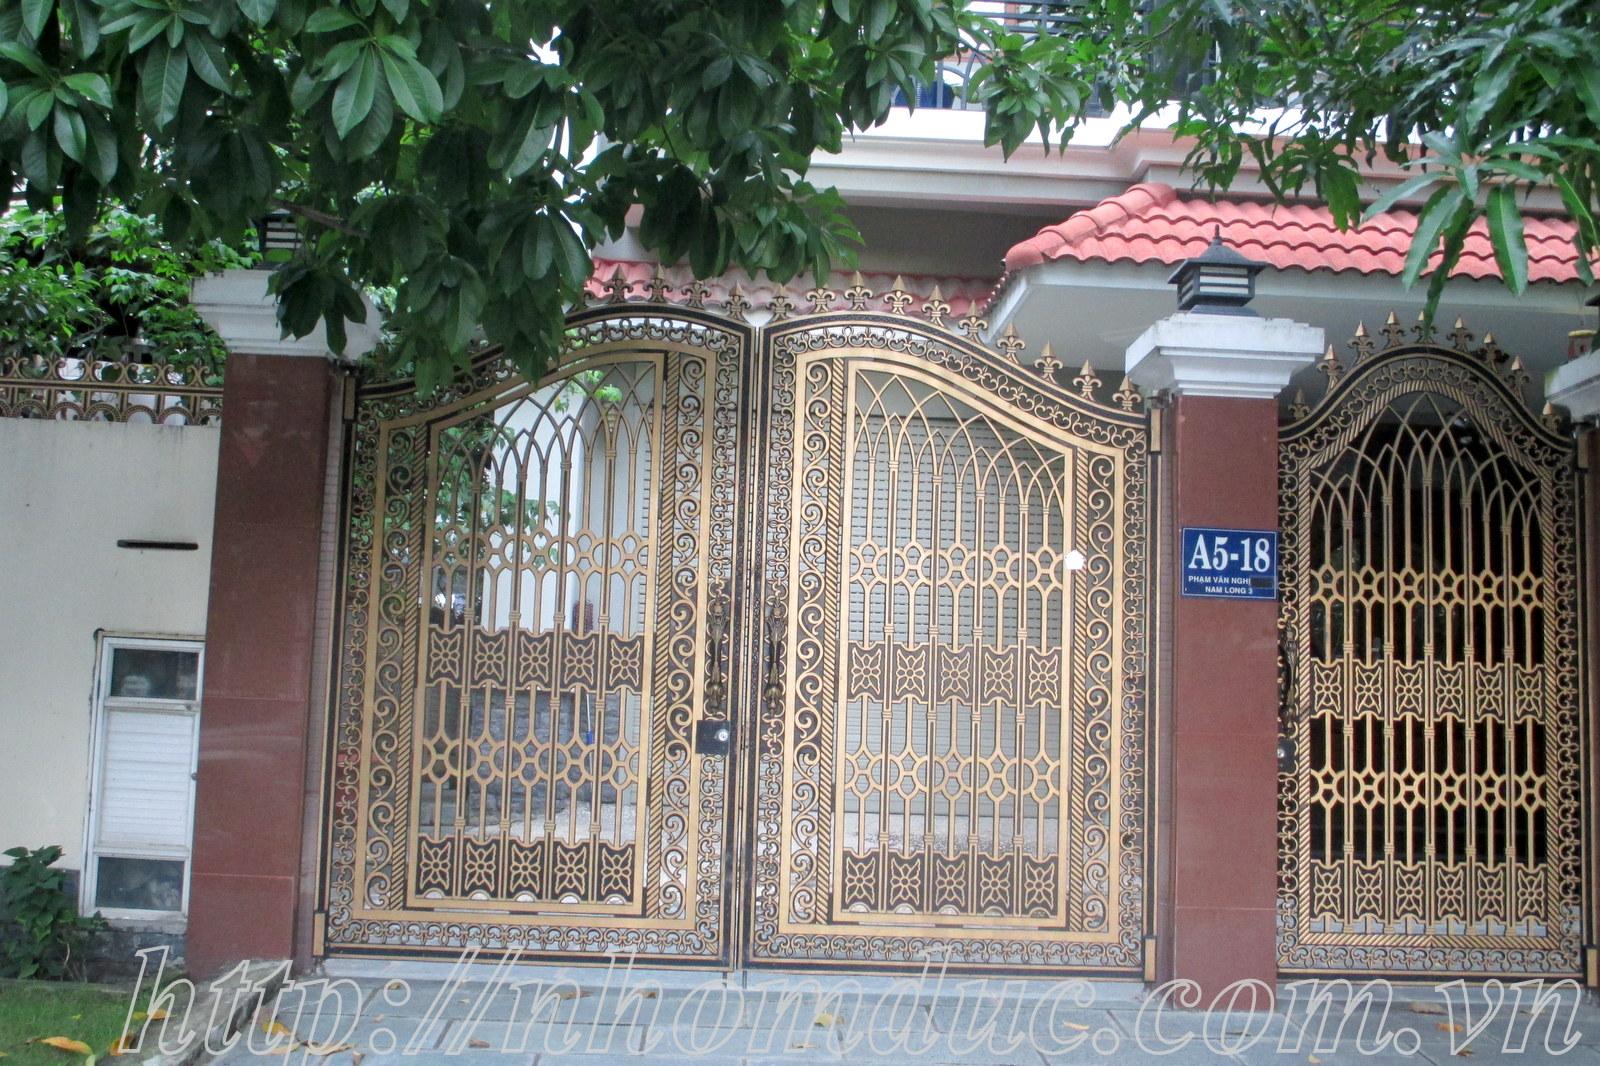 Báo giá cửa nhôm đúc tại Hà Nội